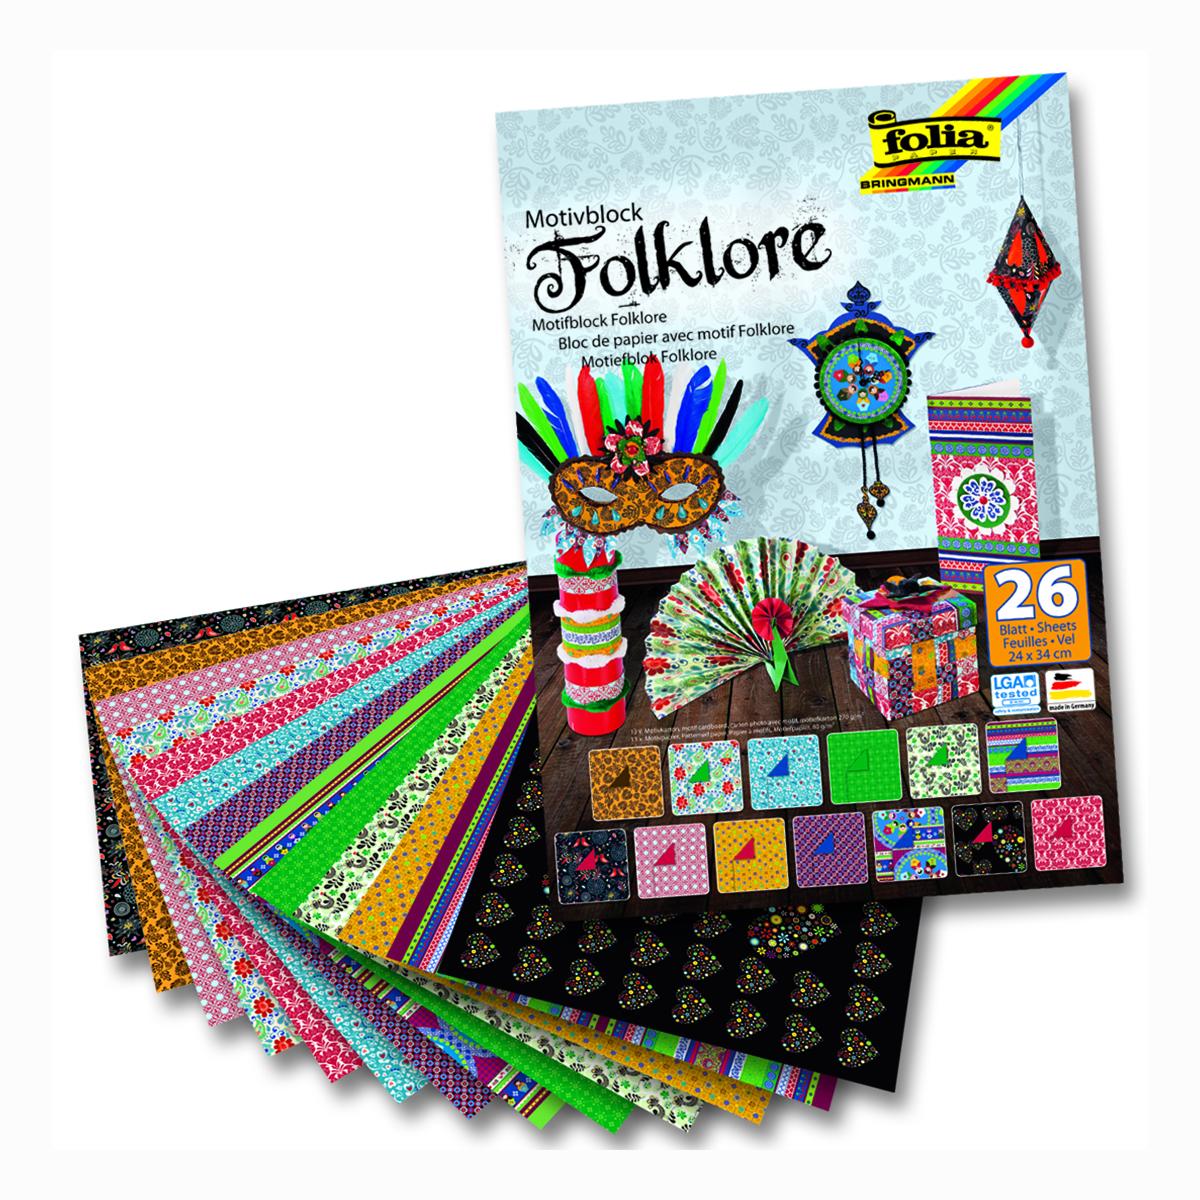 Набор дизайнерского картона Folia  Фольклор , 24 х 34 см, 26 листов -  Бумага и бумажная продукция